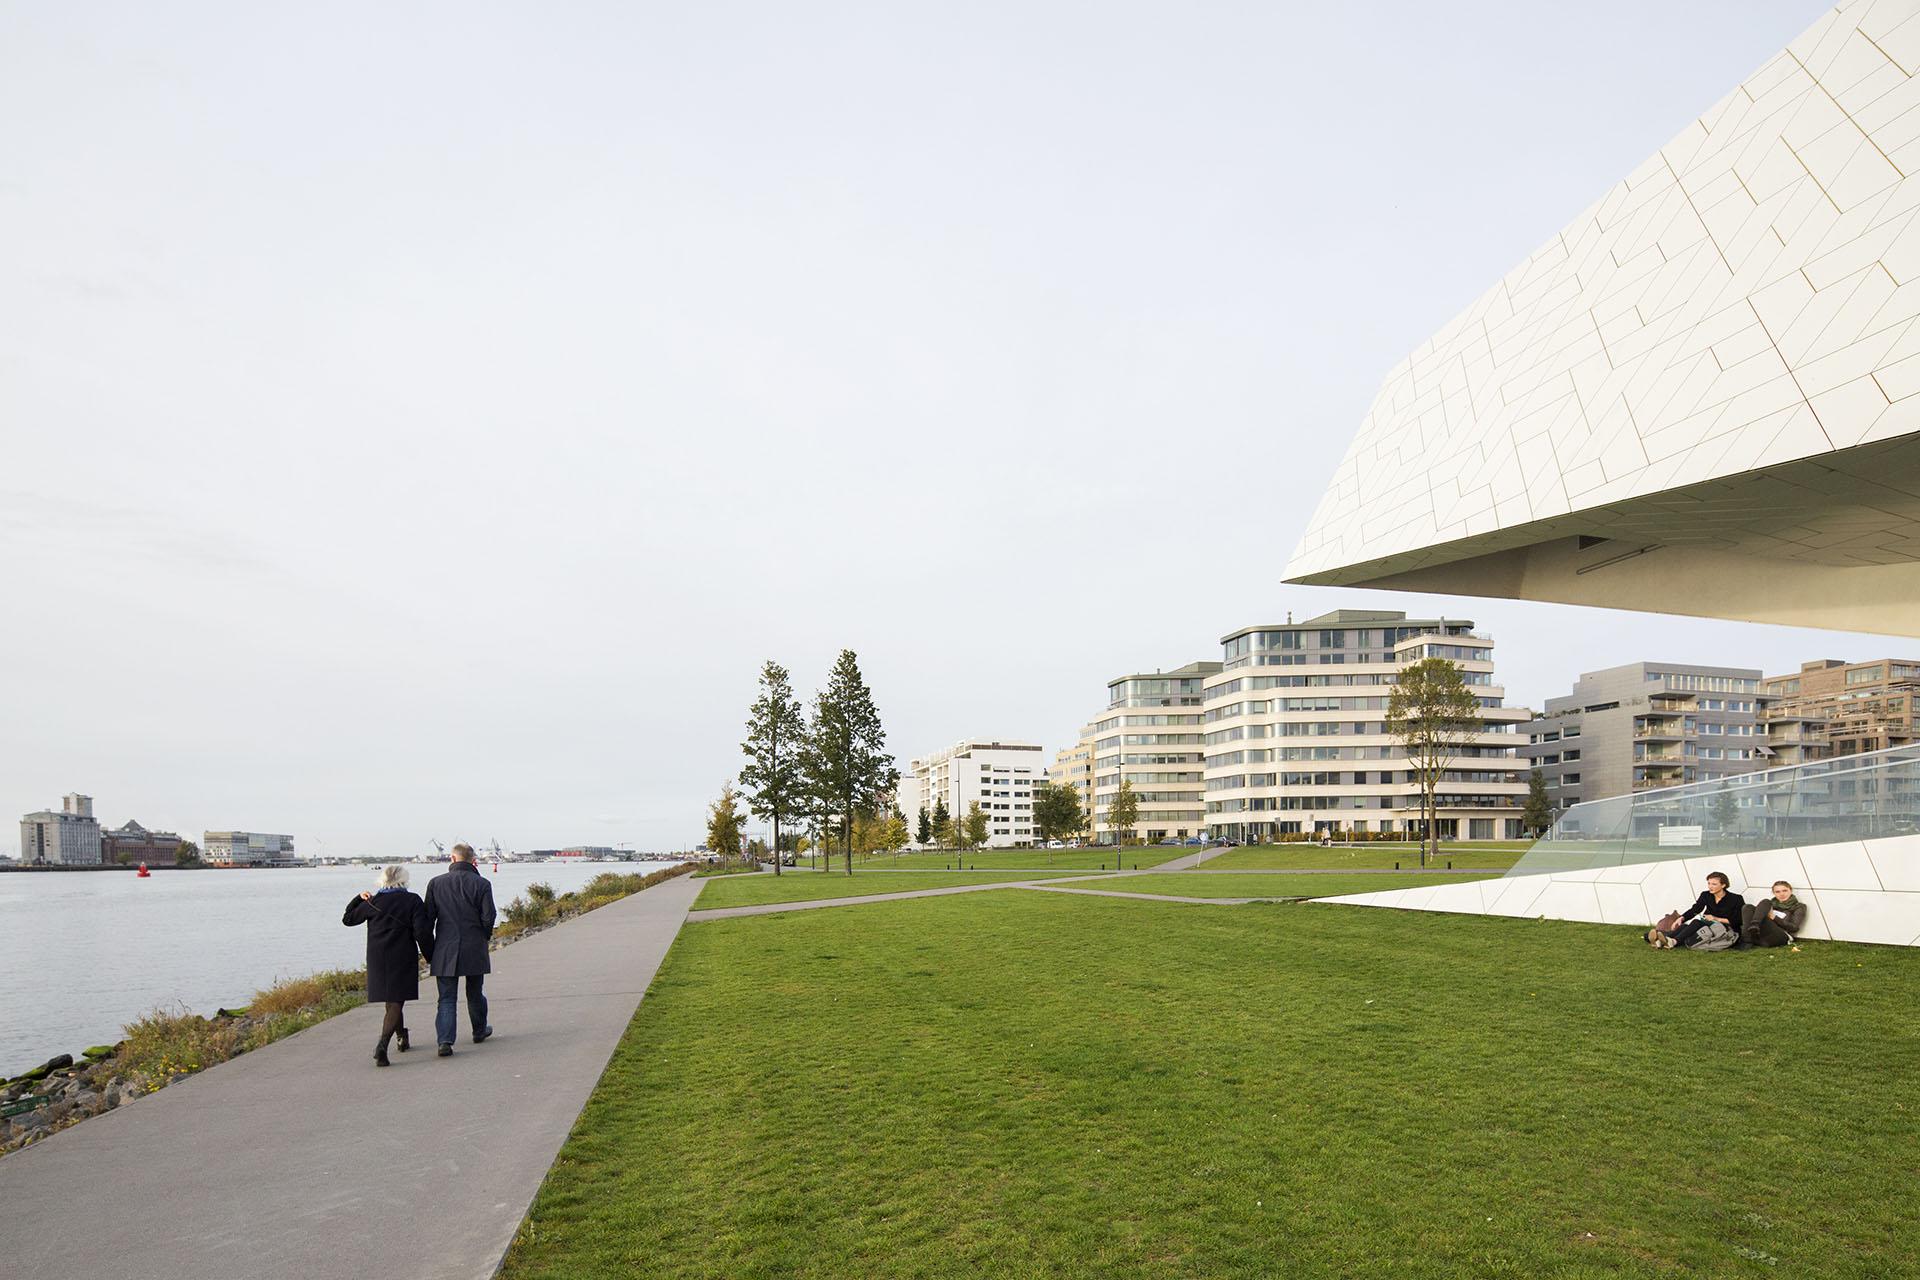 08-marc-koehler-amsterdam-simon-bosch-superlofts-architecture-architectuur-eye-filmmuseum-ij-noord